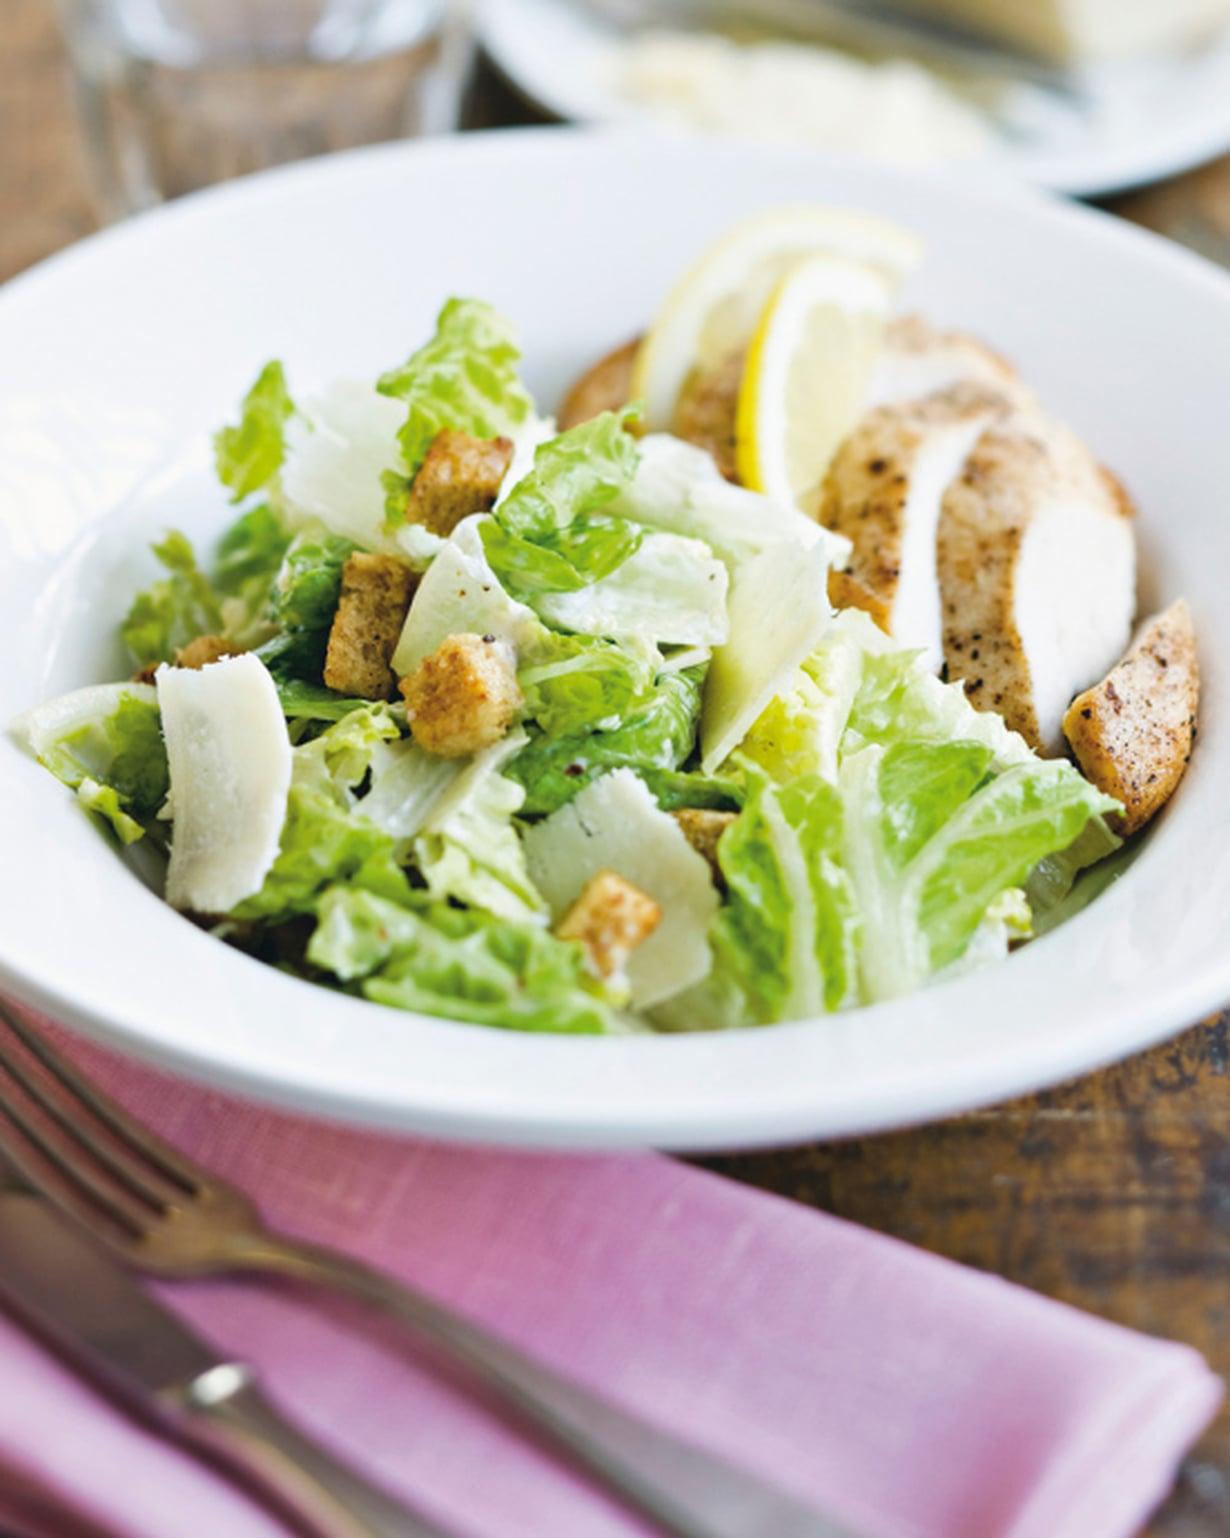 Tarjoa salaatti heti kastikkeen sekoittamisen jälkeen. Mehevä varhaiskaali sopii mainiosti salaatin tilalle tai korvaamaan osaa siitä.